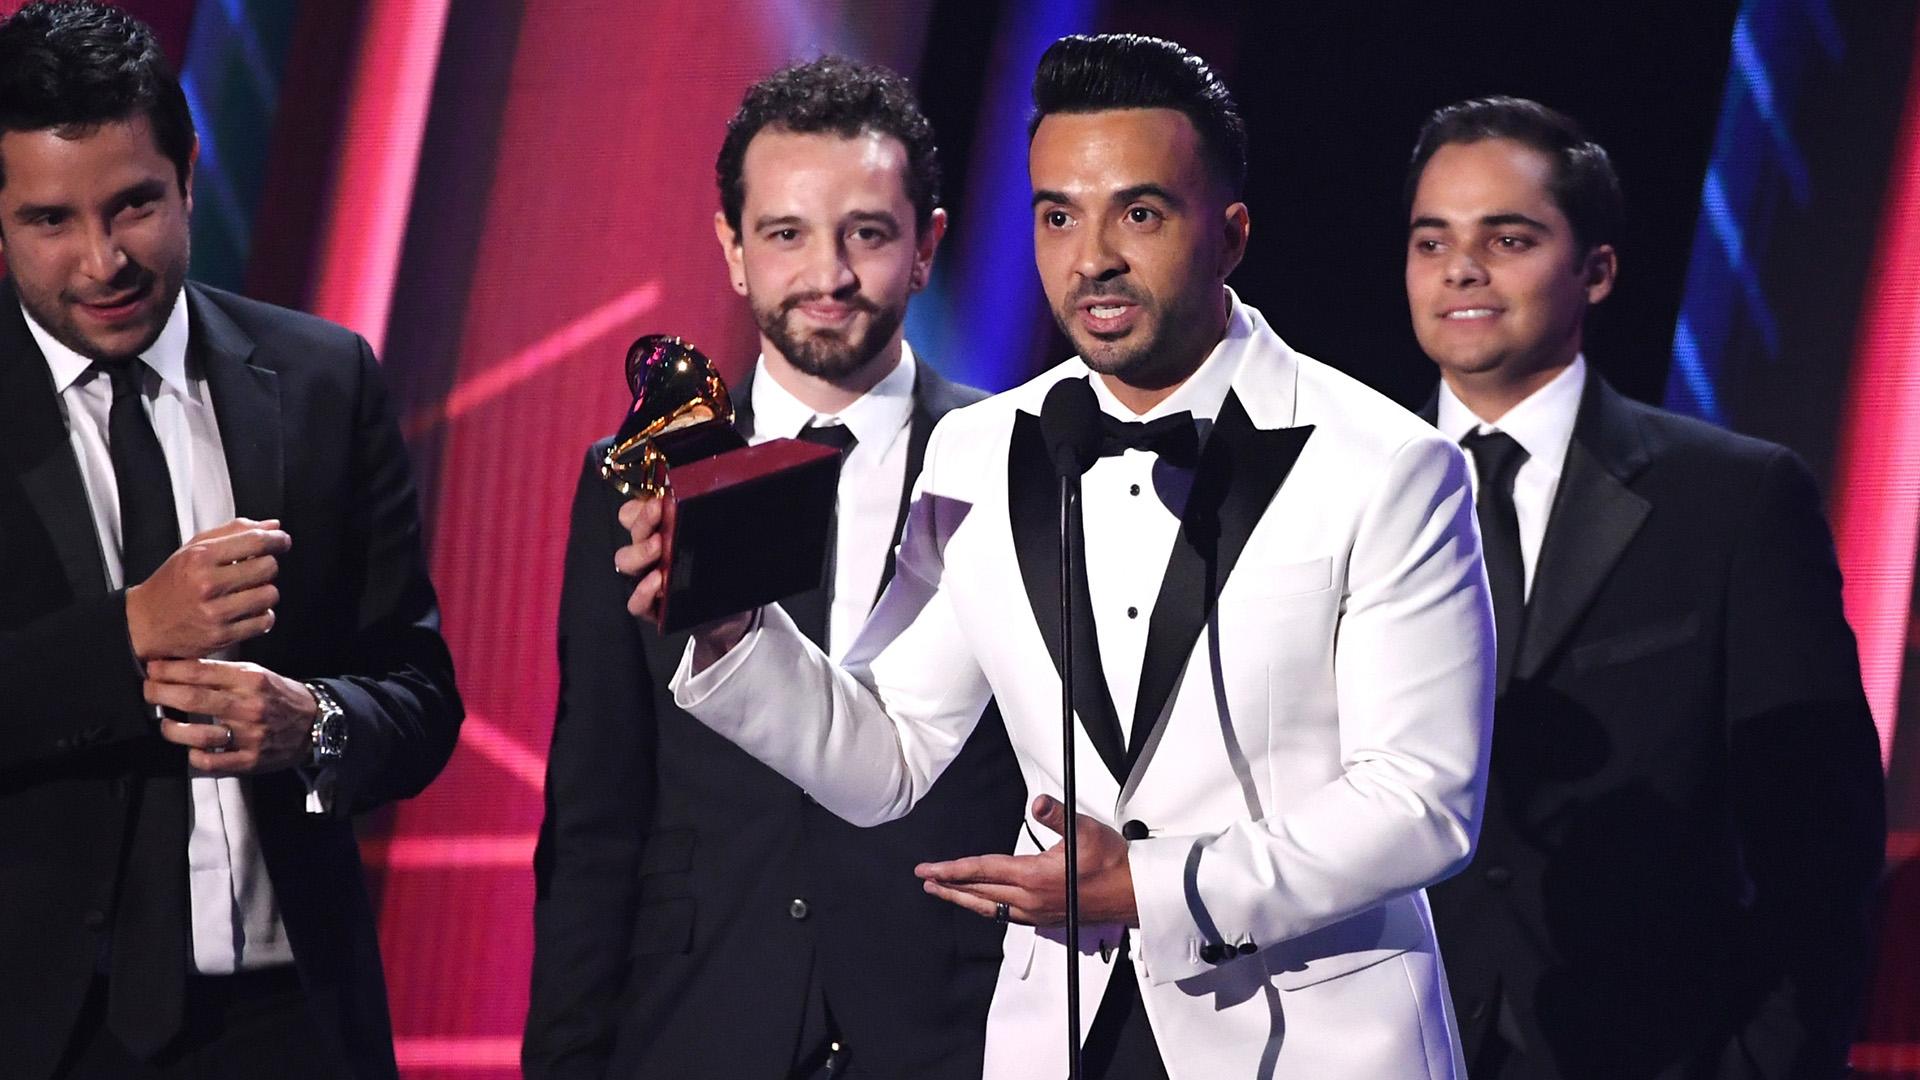 """Luis Fonsi con los productores Mauricio Rengifo, Andrés Torres y Luis Saldarriaga aceptaron el premio Grabación del Año por """"Despacito"""" (Kevin Winter/Getty Images)"""